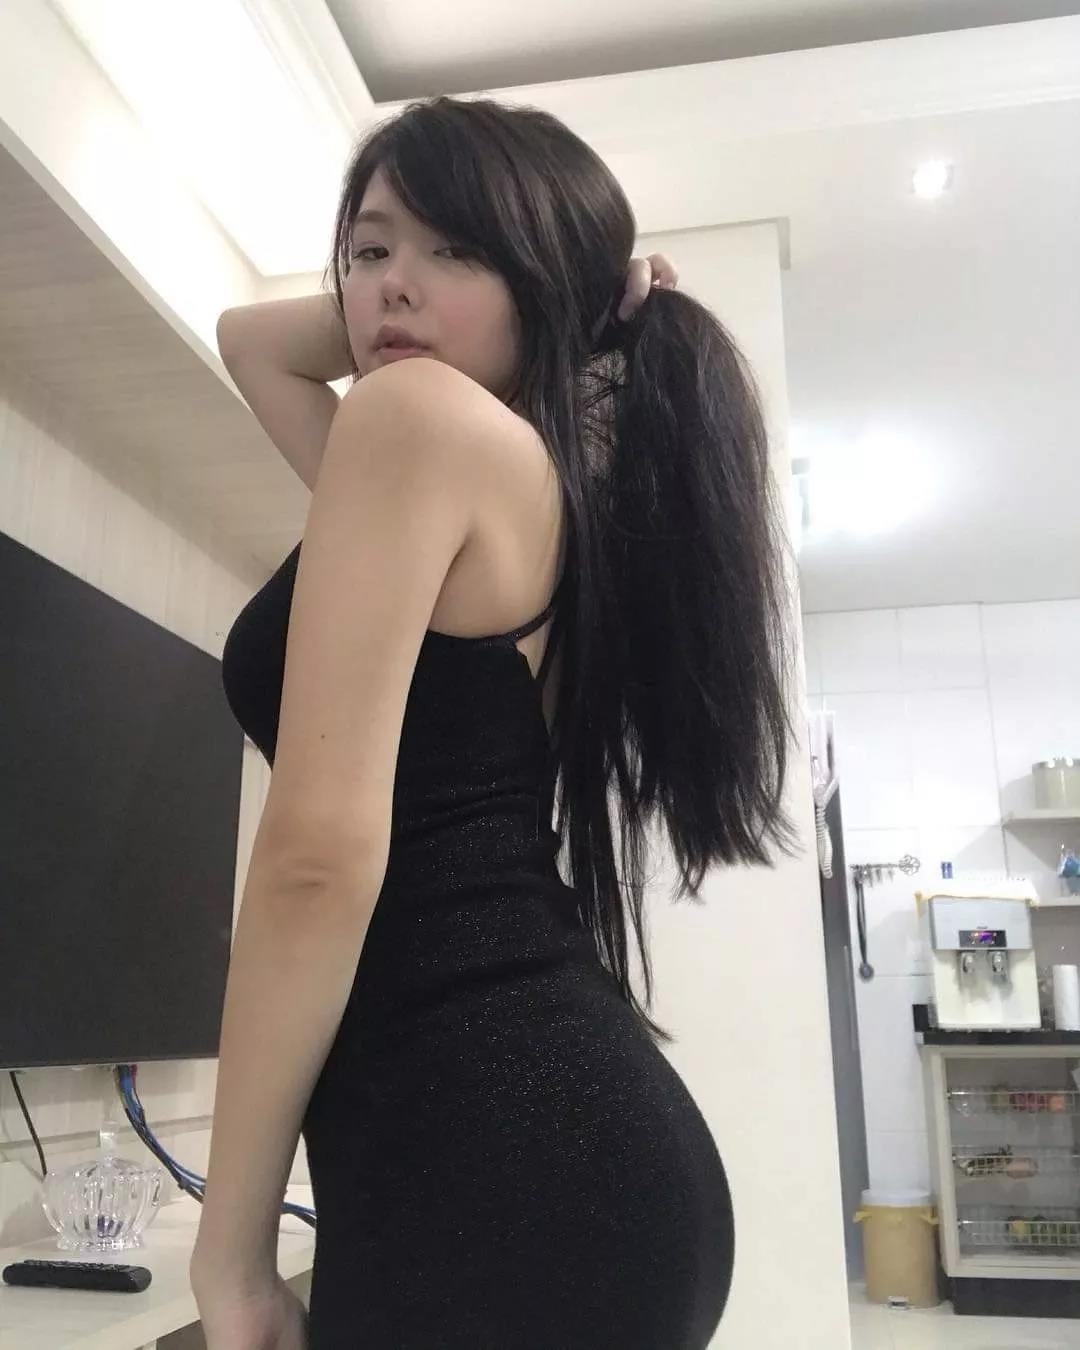 萌妹子Mayumi的图片 第4张